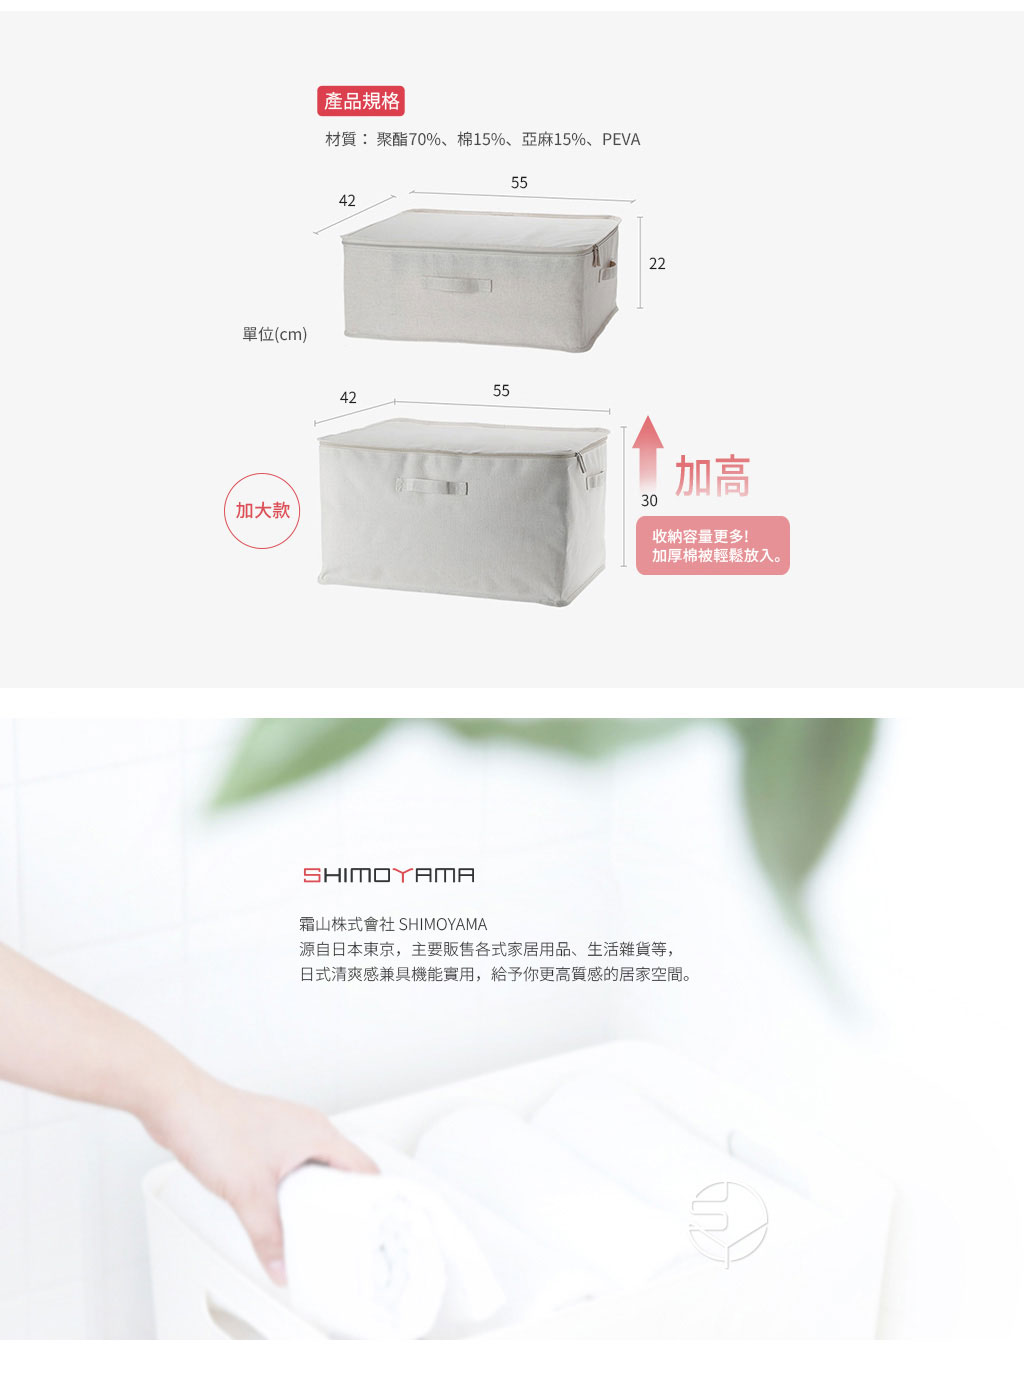 日本霜山 棉麻大容量可水洗防塵衣物棉被收納袋